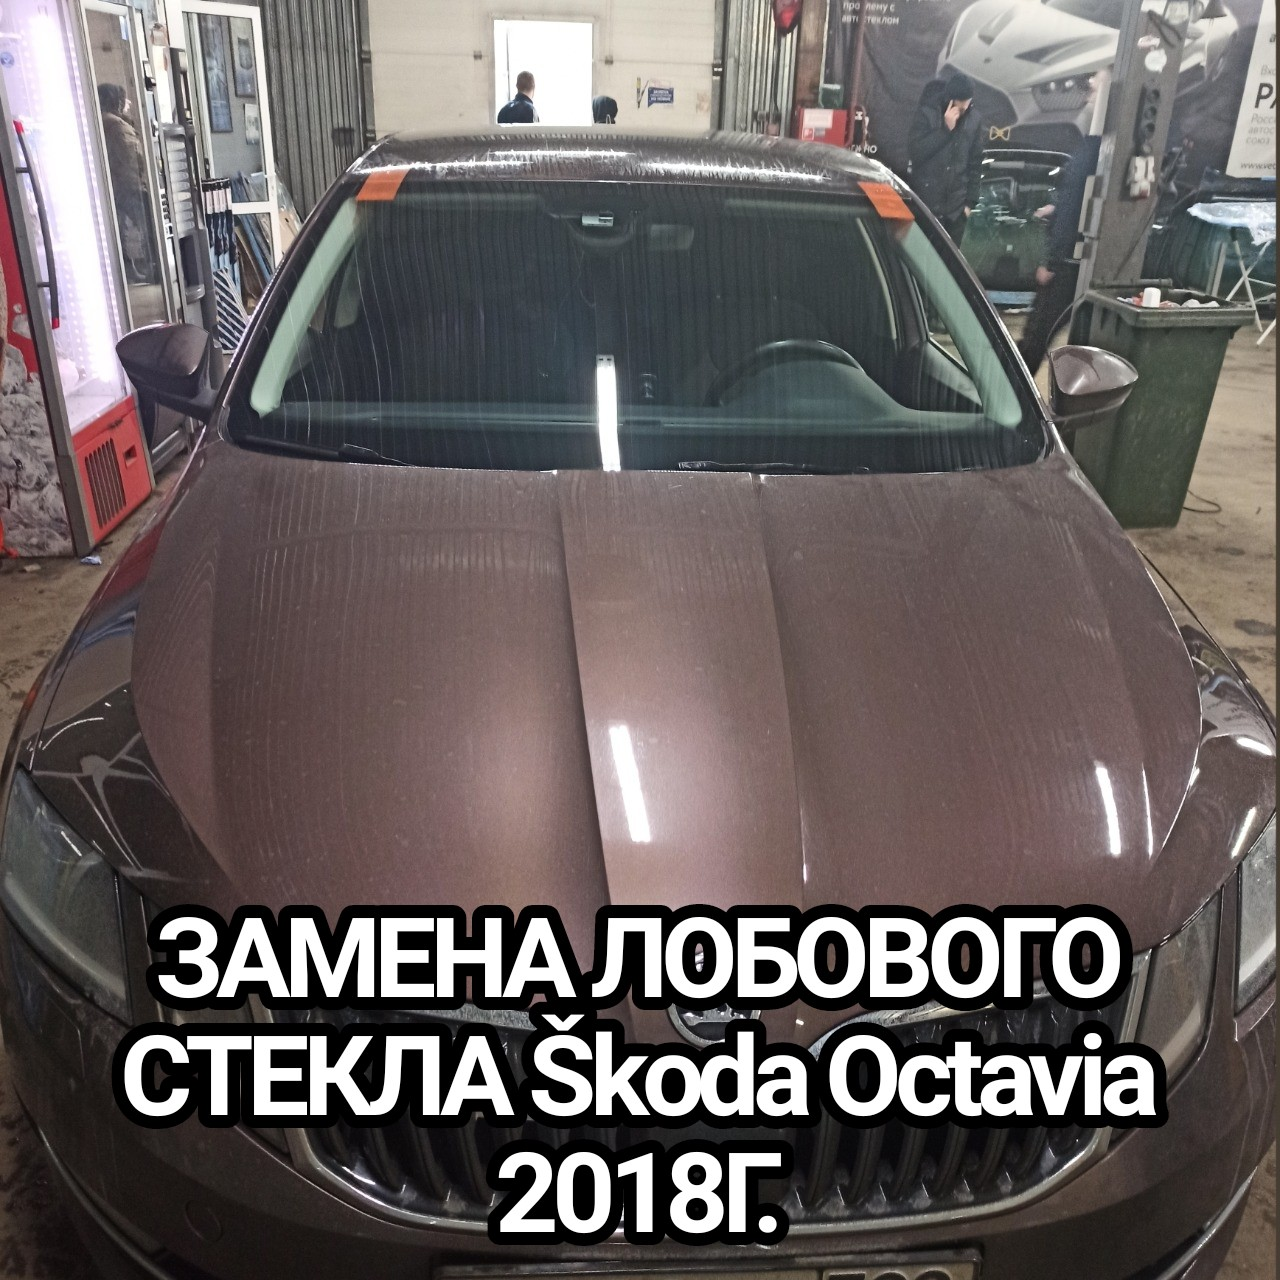 ЗАМЕНА ЛОБОВОГО СТЕКЛА Škoda Octavia 2018Г.